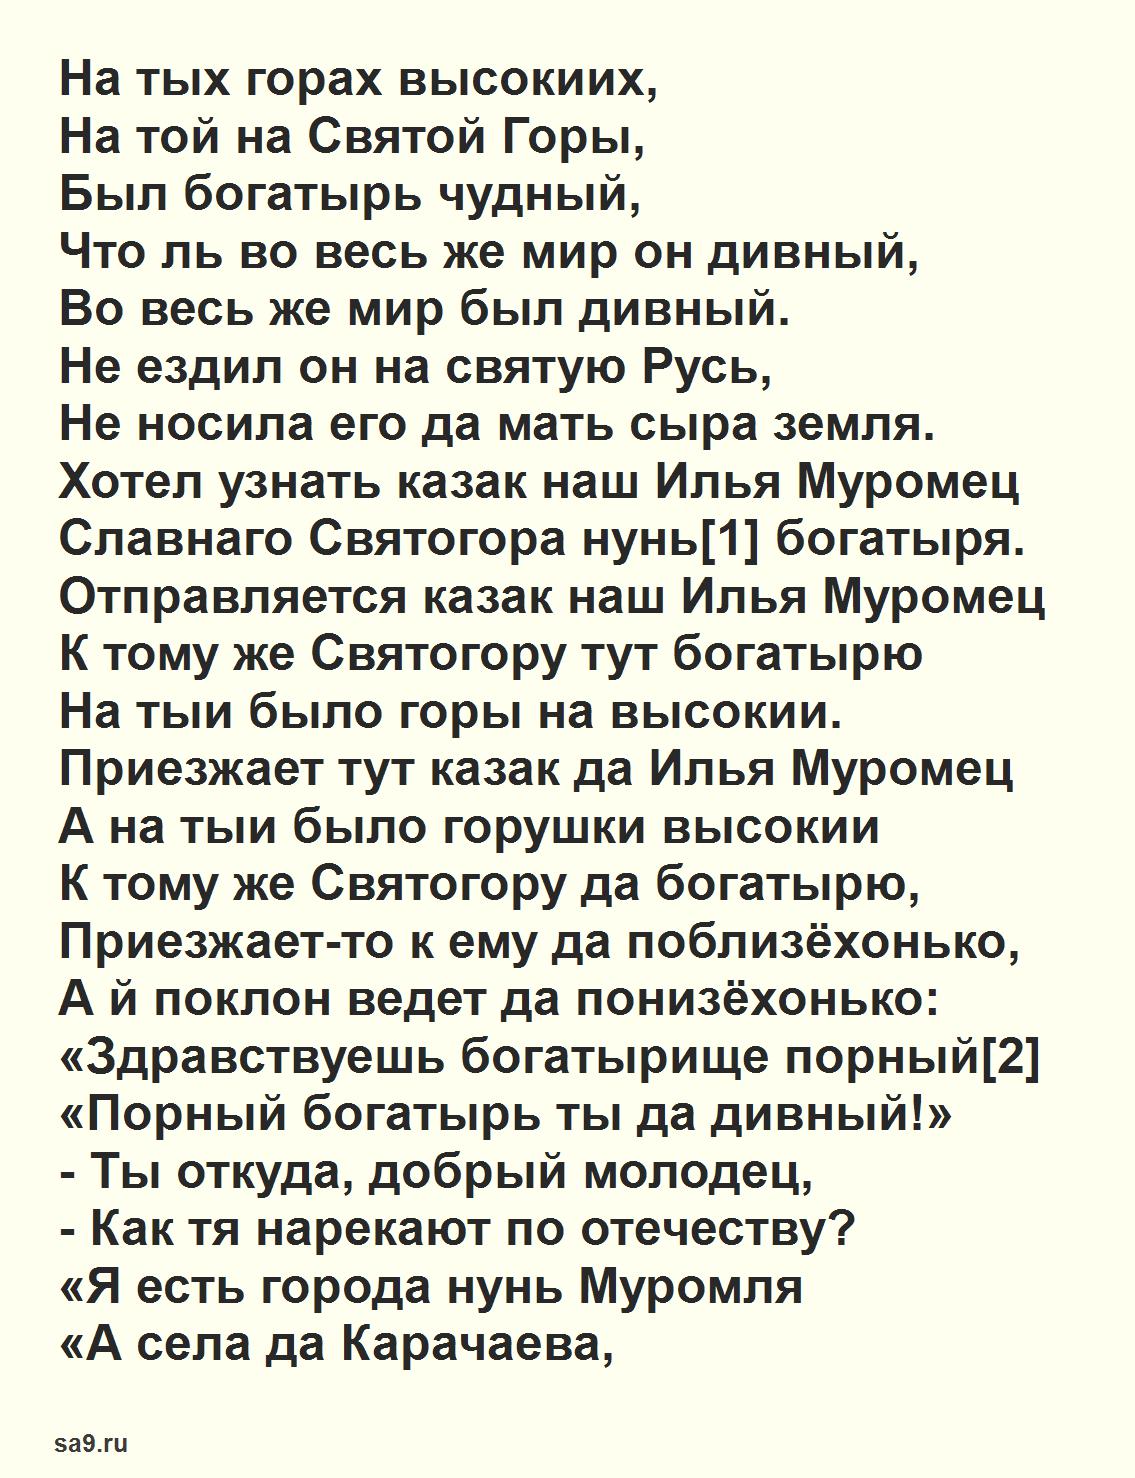 Былина - Илья Муромец и Святогор